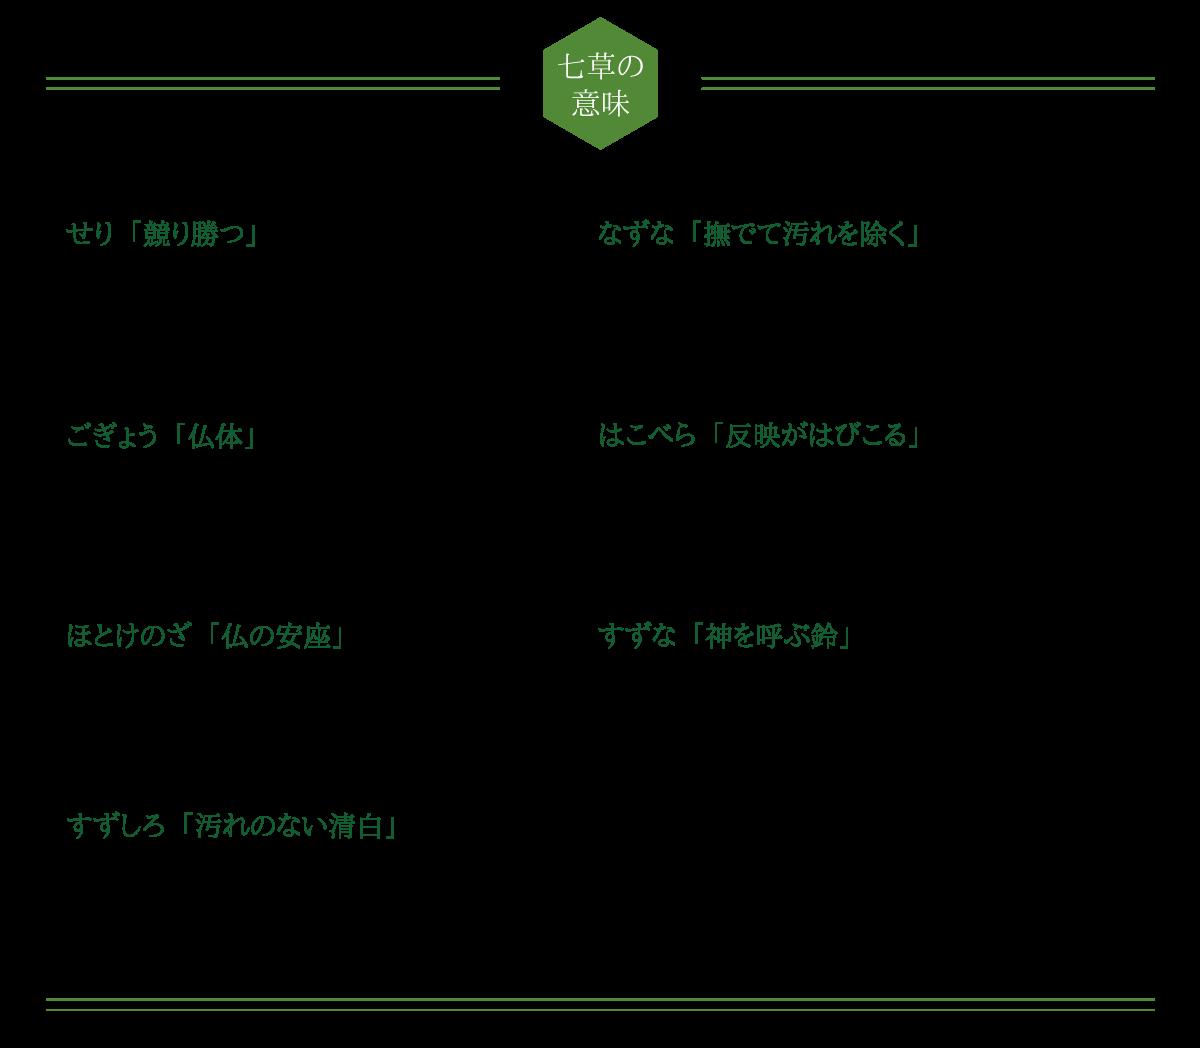 七草の意味